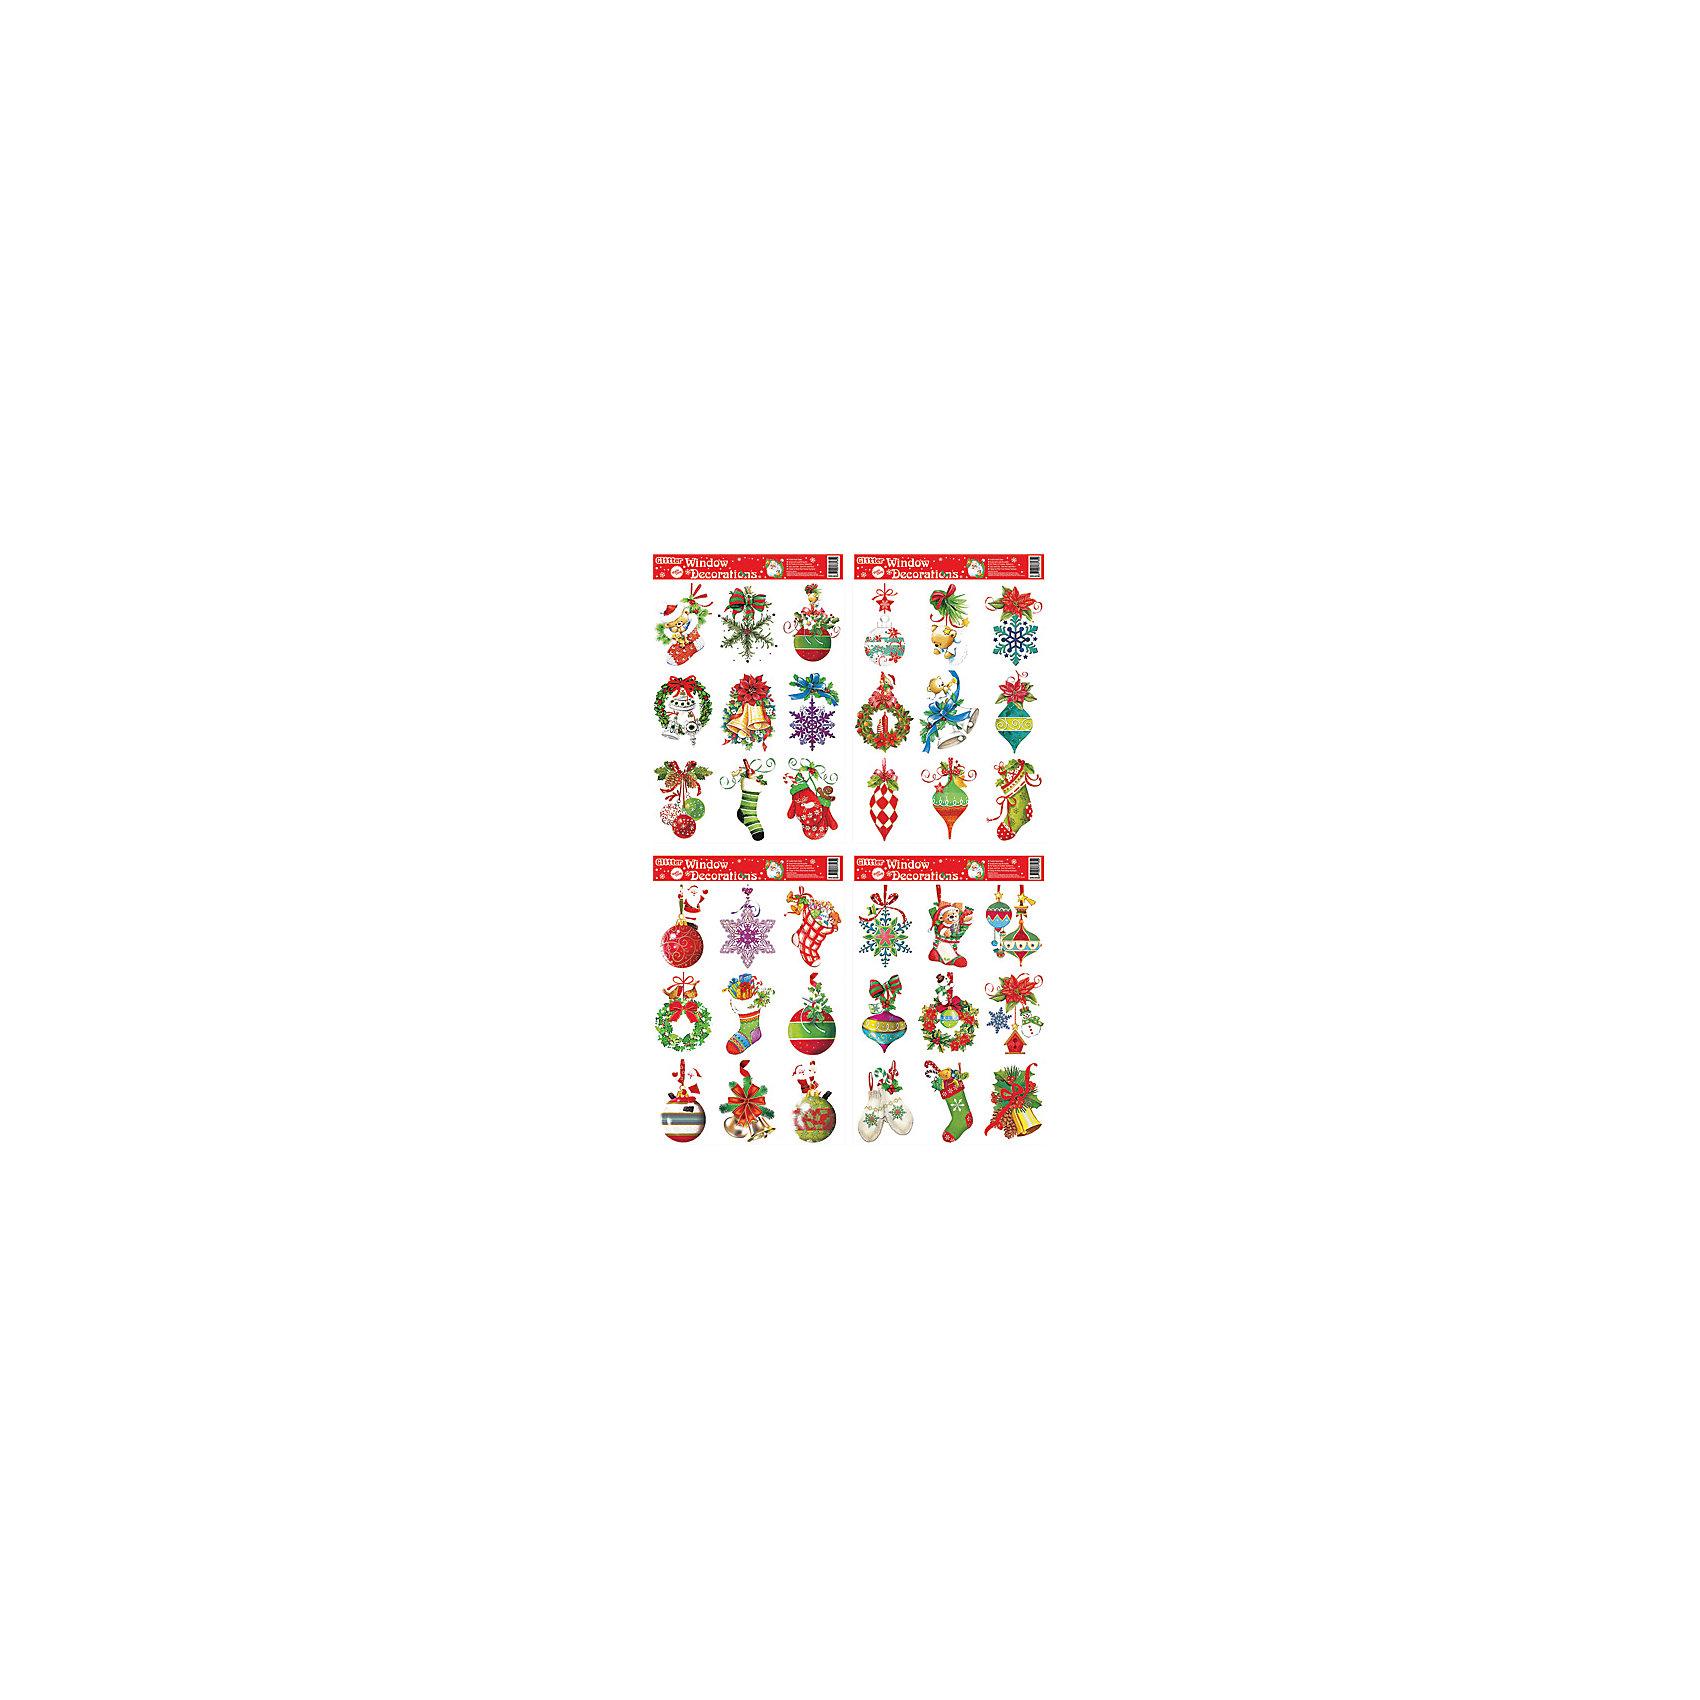 Наклейка Праздник 20*30 см, в ассортиментеНаклейка Праздник 20*30 см, в ассортименте - этот новогодний стикер создаст праздничную атмосферу.<br>Наклейка Праздник– это отличное украшение для декорирования стен, дверей и мебели. Наклейка с изображениями новогодних атрибутов поможет украсить ваш дом или офис и придаст им сказочный и волшебный вид. Устройте настоящий праздник. Пусть он сопровождает вас повсюду.<br><br>Дополнительная информация:<br><br>- В ассортименте: 4 вида<br>- Полноцветная двухсторонняя печать, глиттер<br>- Размер: 20х30 см.<br>- ВНИМАНИЕ! Данный артикул представлен в разных вариантах исполнения. К сожалению, заранее выбрать определенный вариант невозможно. При заказе нескольких наклеек возможно получение одинаковых<br><br>Наклейку Праздник 20*30 см, в ассортименте можно купить в нашем интернет-магазине.<br><br>Ширина мм: 200<br>Глубина мм: 300<br>Высота мм: 18<br>Вес г: 295<br>Возраст от месяцев: 36<br>Возраст до месяцев: 2147483647<br>Пол: Унисекс<br>Возраст: Детский<br>SKU: 4418934